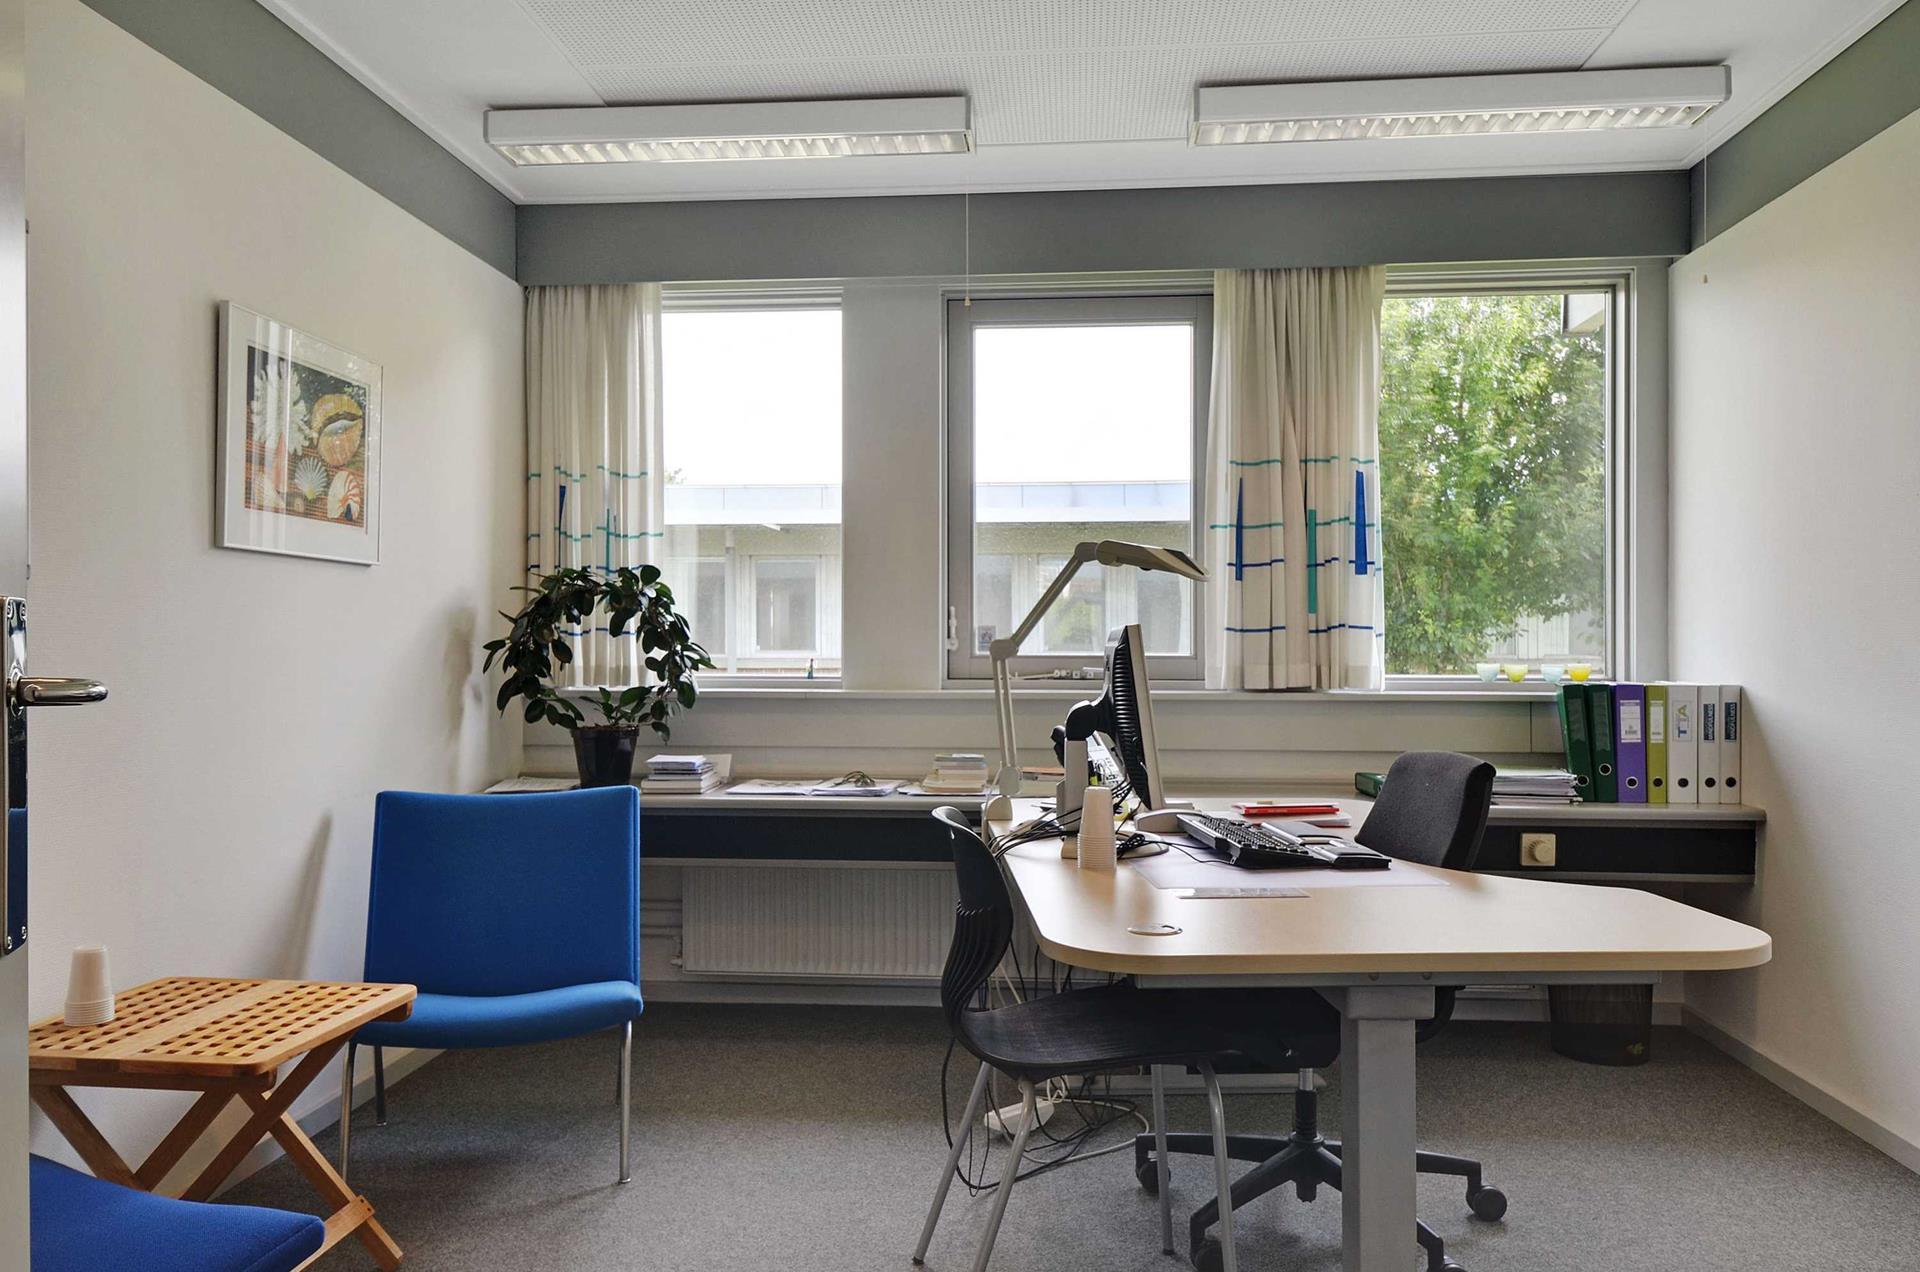 Bolig/erhverv på Høgevej i Esbjerg Ø - Affald